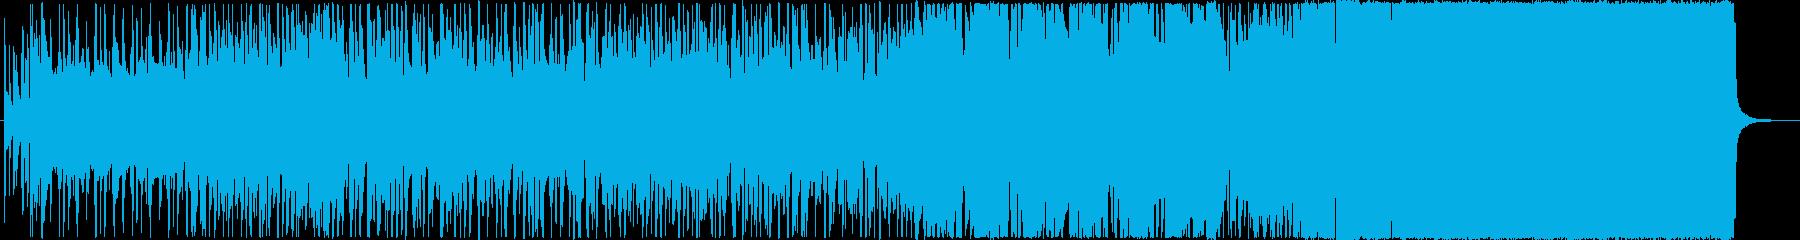 男女の恋愛バトルヒップホップ→ロックの再生済みの波形